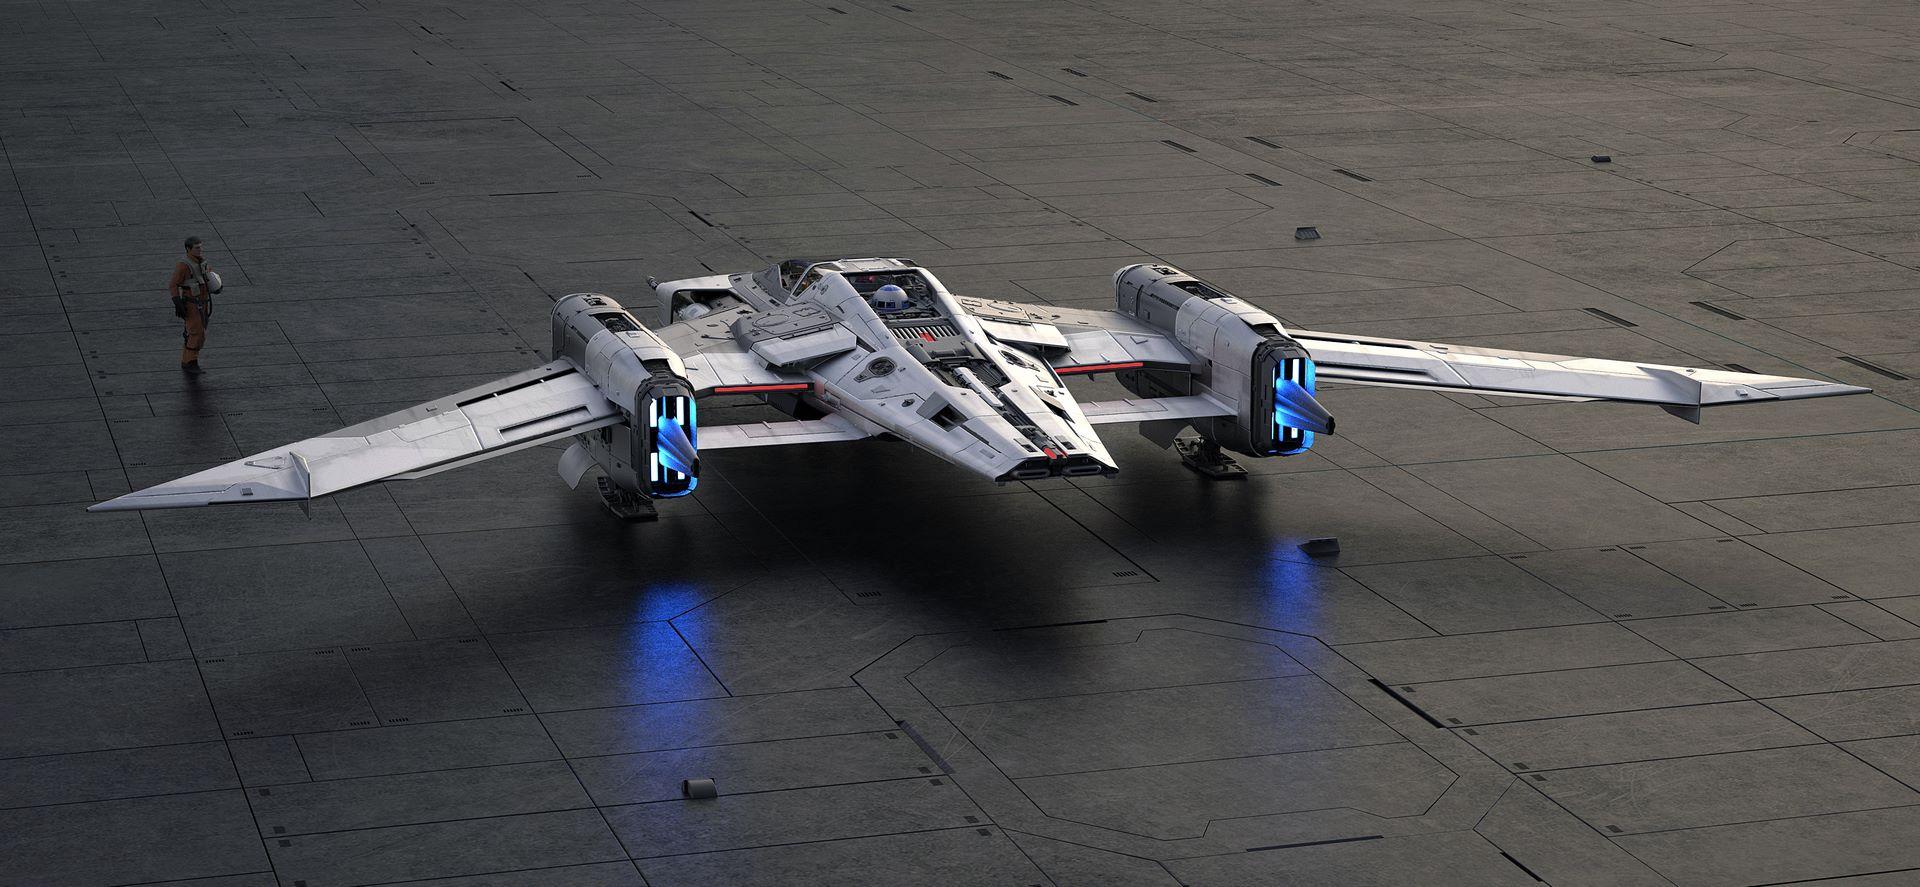 Porsche-Star-Wars-starfighter-space-ship-4